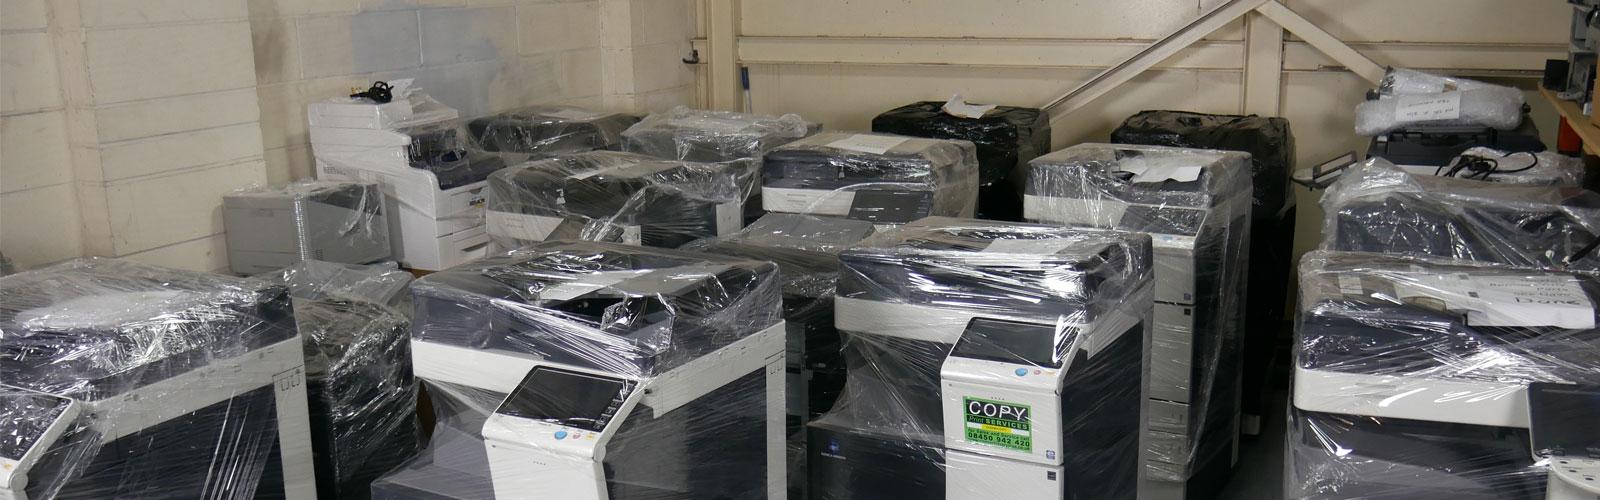 Máy photocopy tân trang